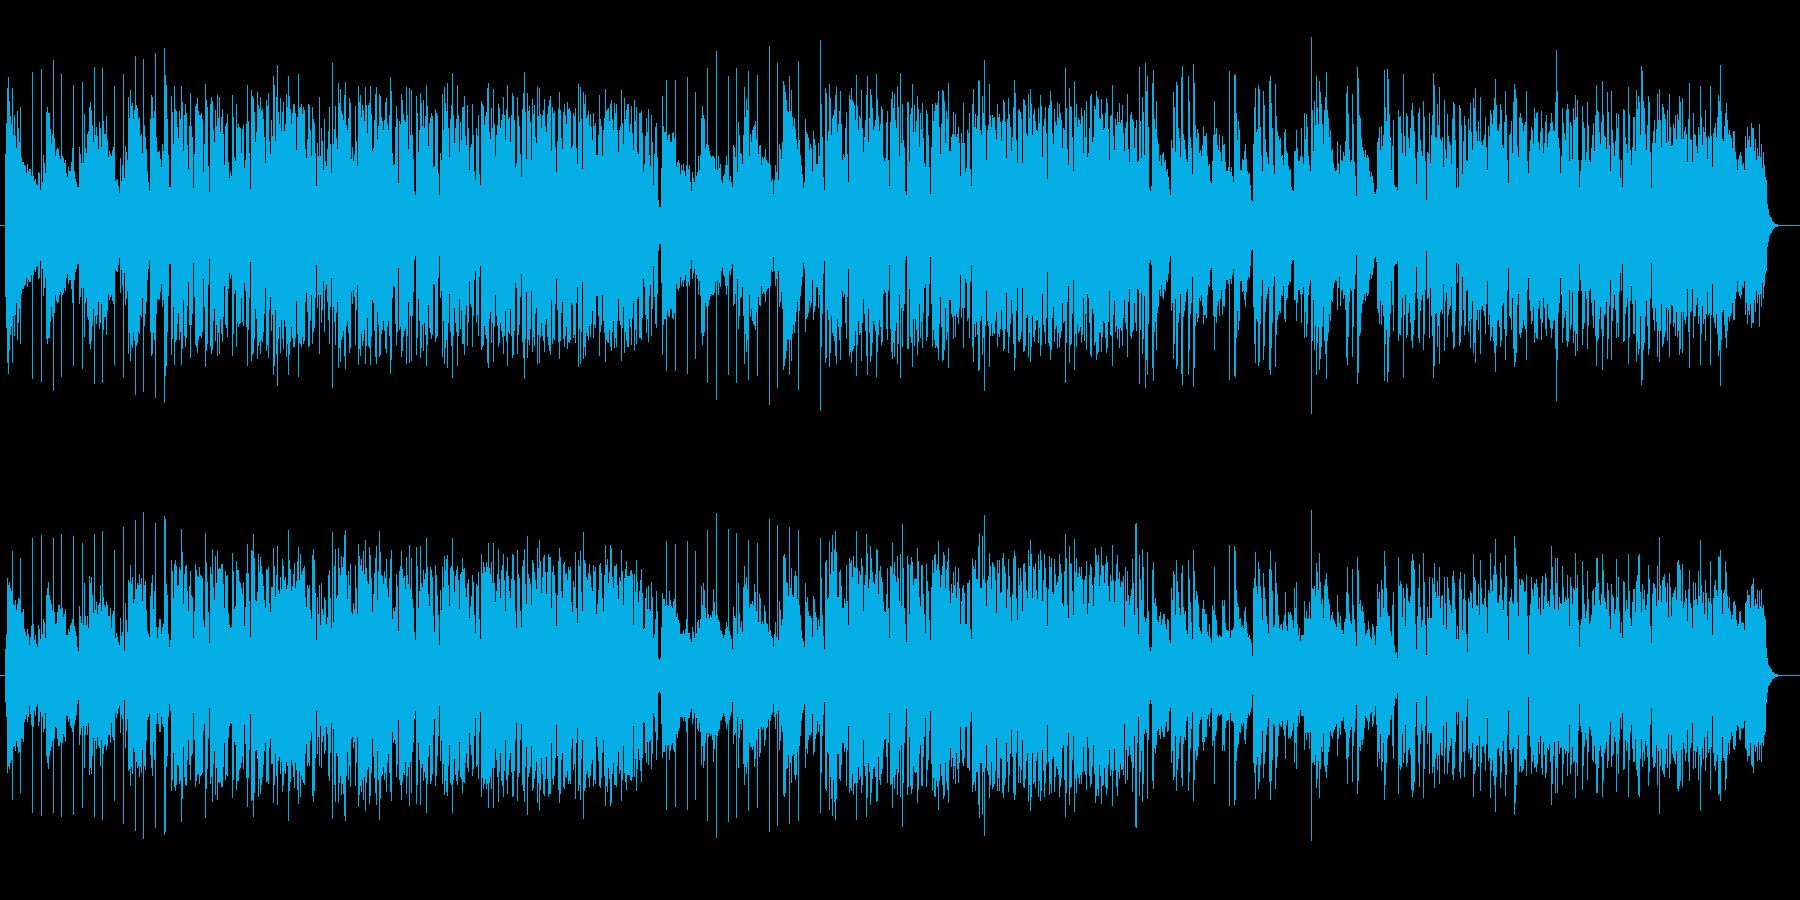 楽しい気分になるほのぼのミュージックの再生済みの波形